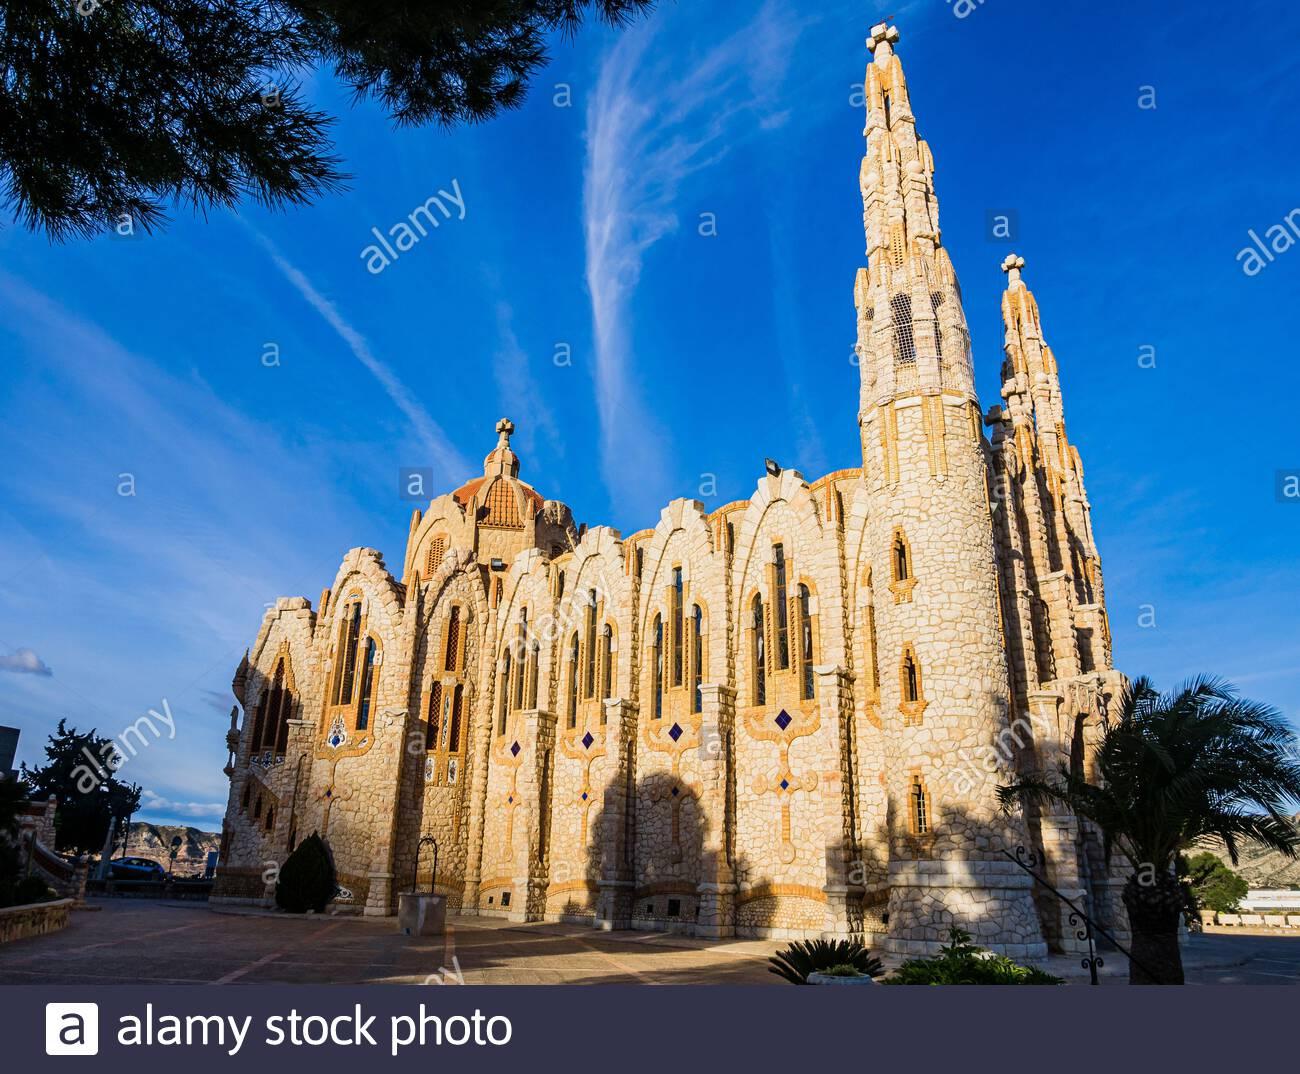 El Santuario de Santa María Magdalena es un edificio religioso situado en Novelda, Alicante, Comunidad Valenciana, España. Foto de stock